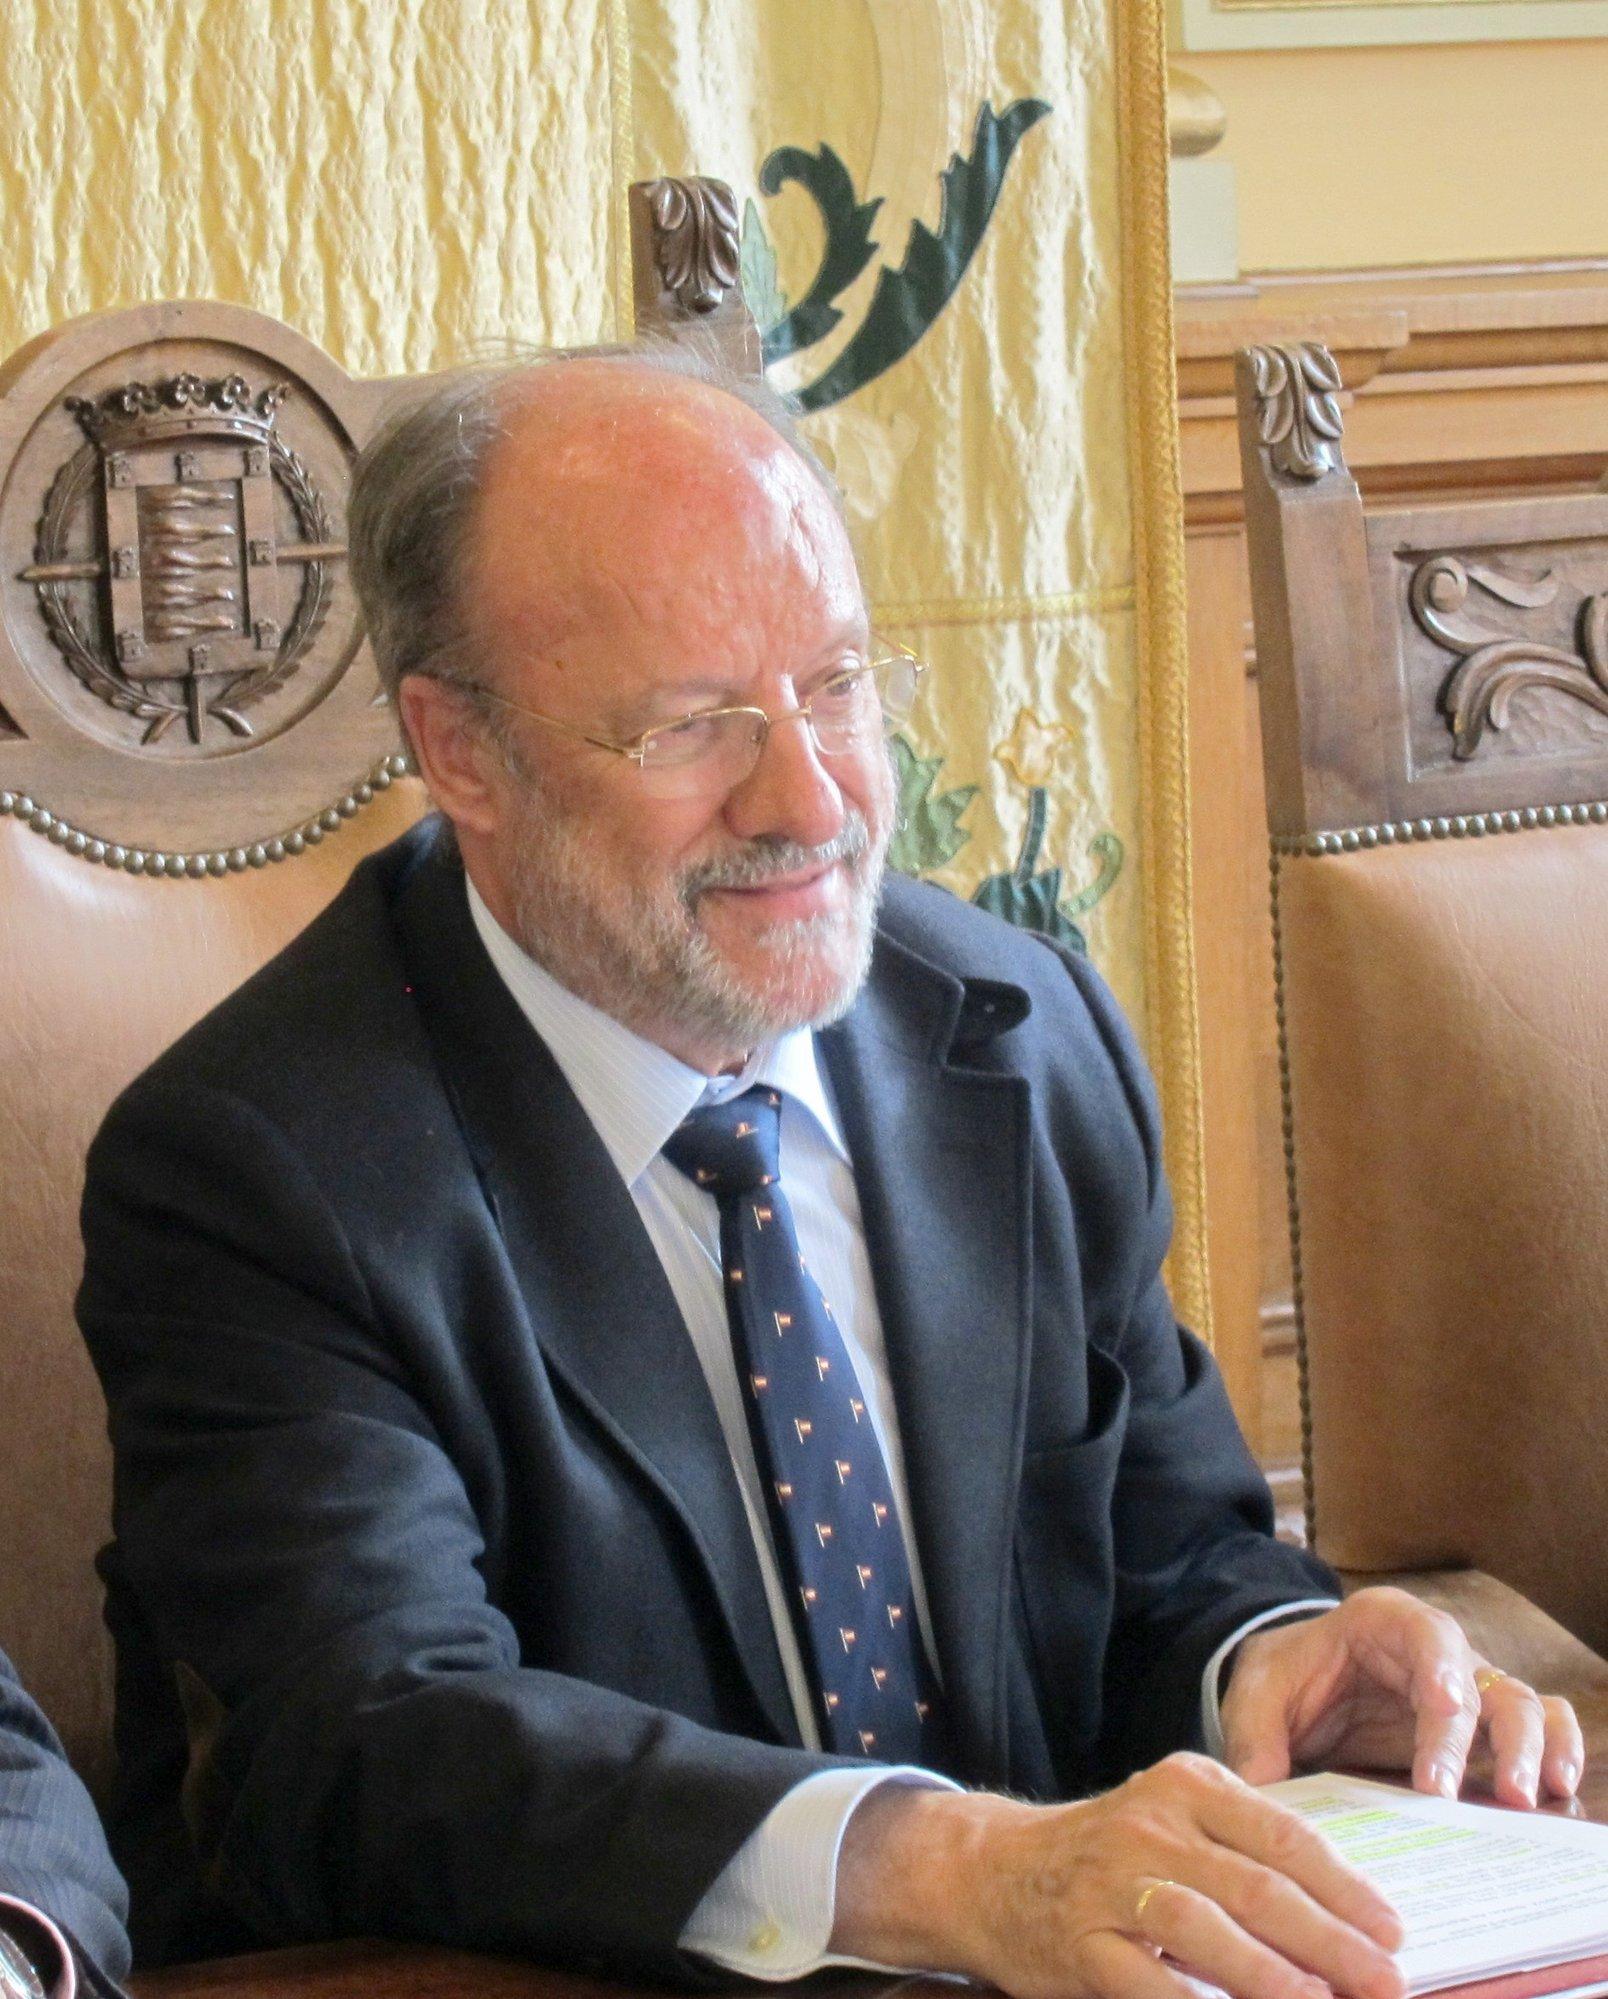 De la Riva aclara que no ha representado al Ayuntamiento «en ningún banco» ni cobra dietas por ir a plenos o comisiones